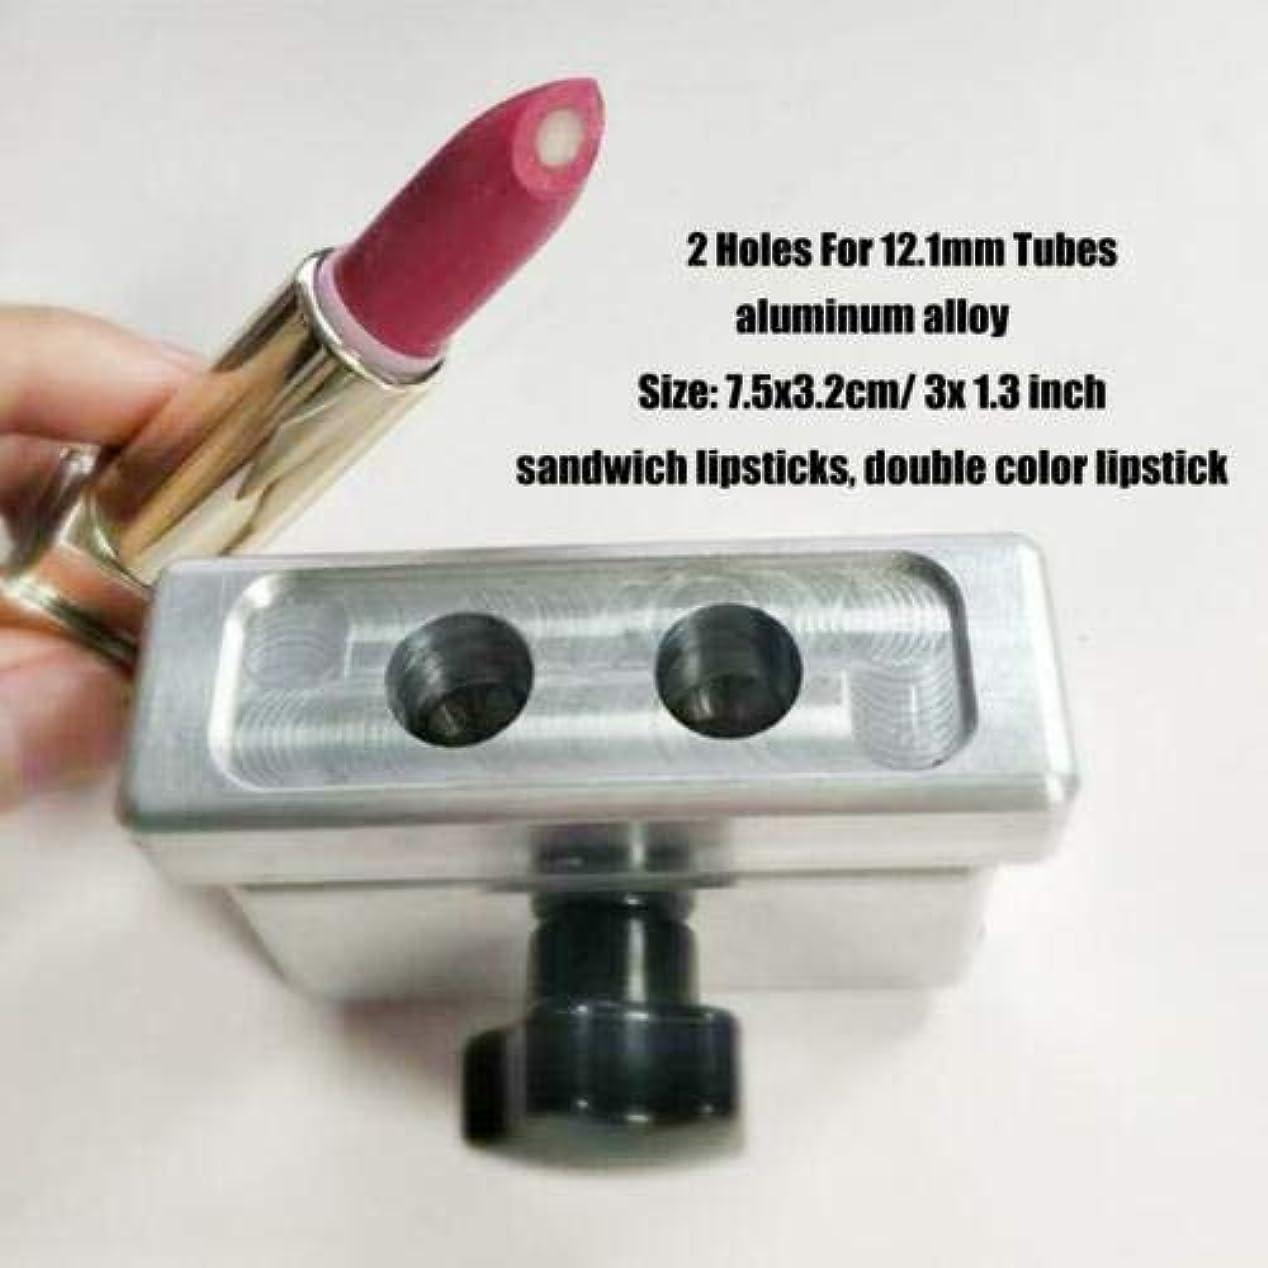 収入願う反発FidgetGear DIY口紅型リップスティック型メーカー2 4 6穴用9 mm 11.1 mm 12.1 mmチューブ #5(2穴12.1mm)